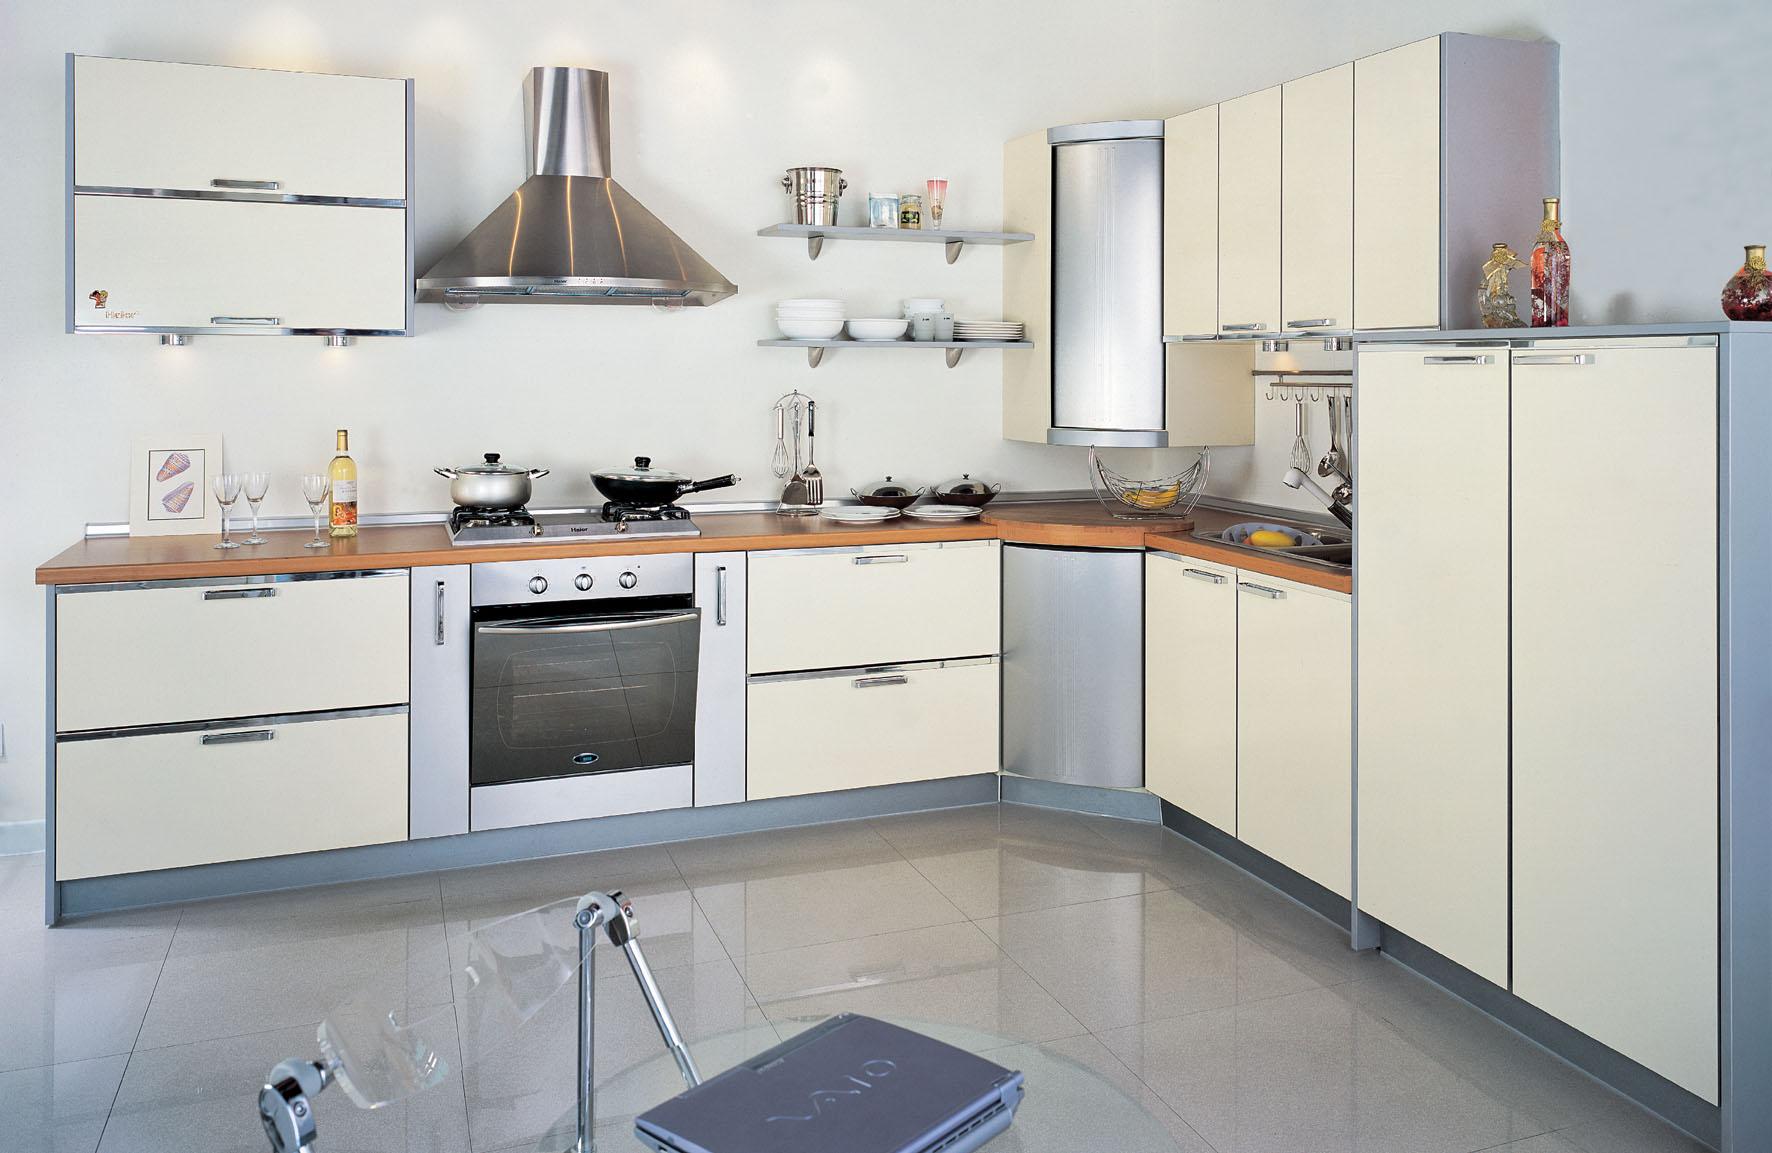 厨房图片天地展示2现代厨房装修图片